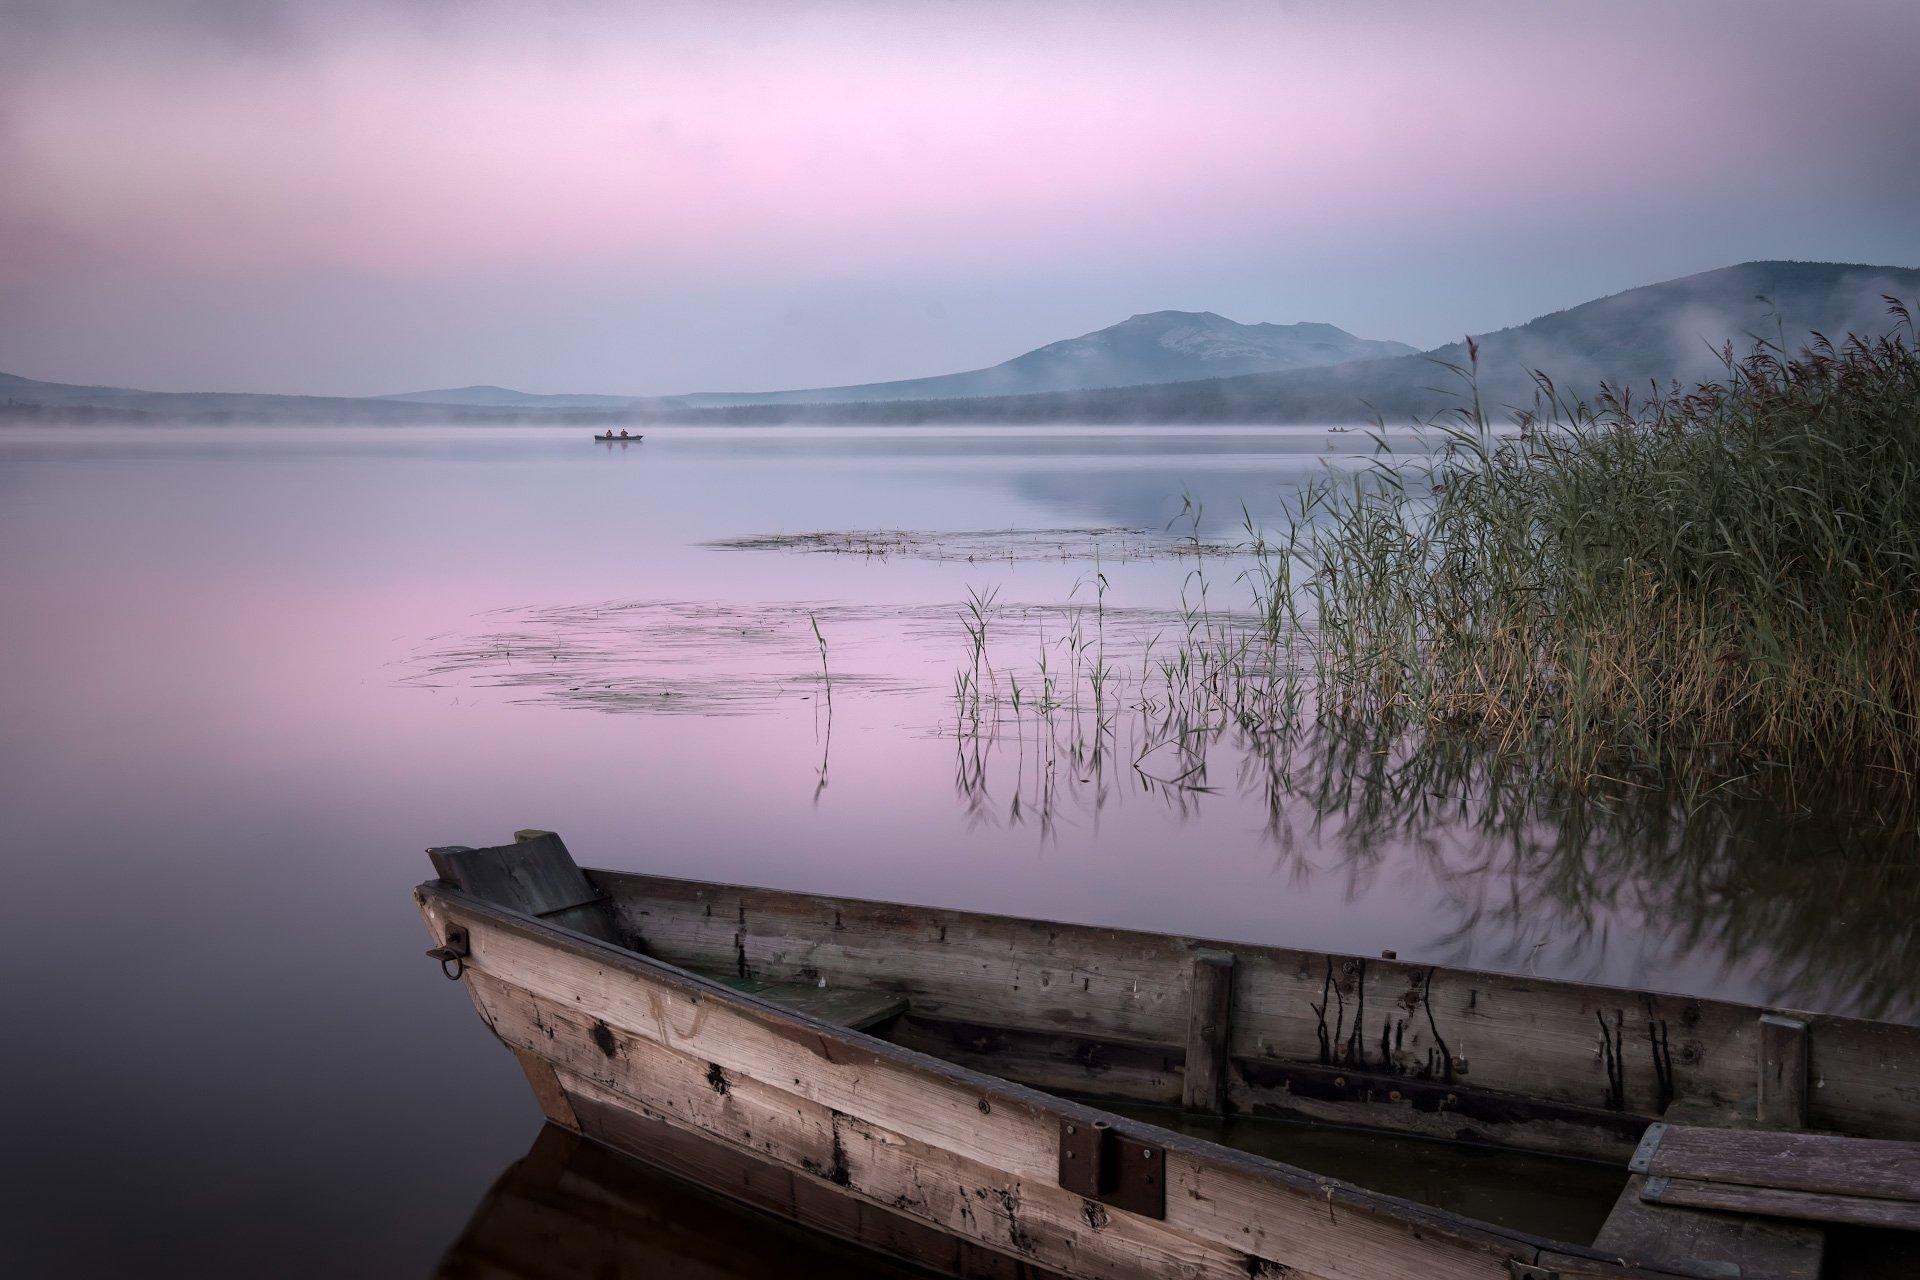 зюраткуль, пейзаж, озеро, лодки, горы, небо, рыбаки, рассвет, туман, утро, Андрей Чиж